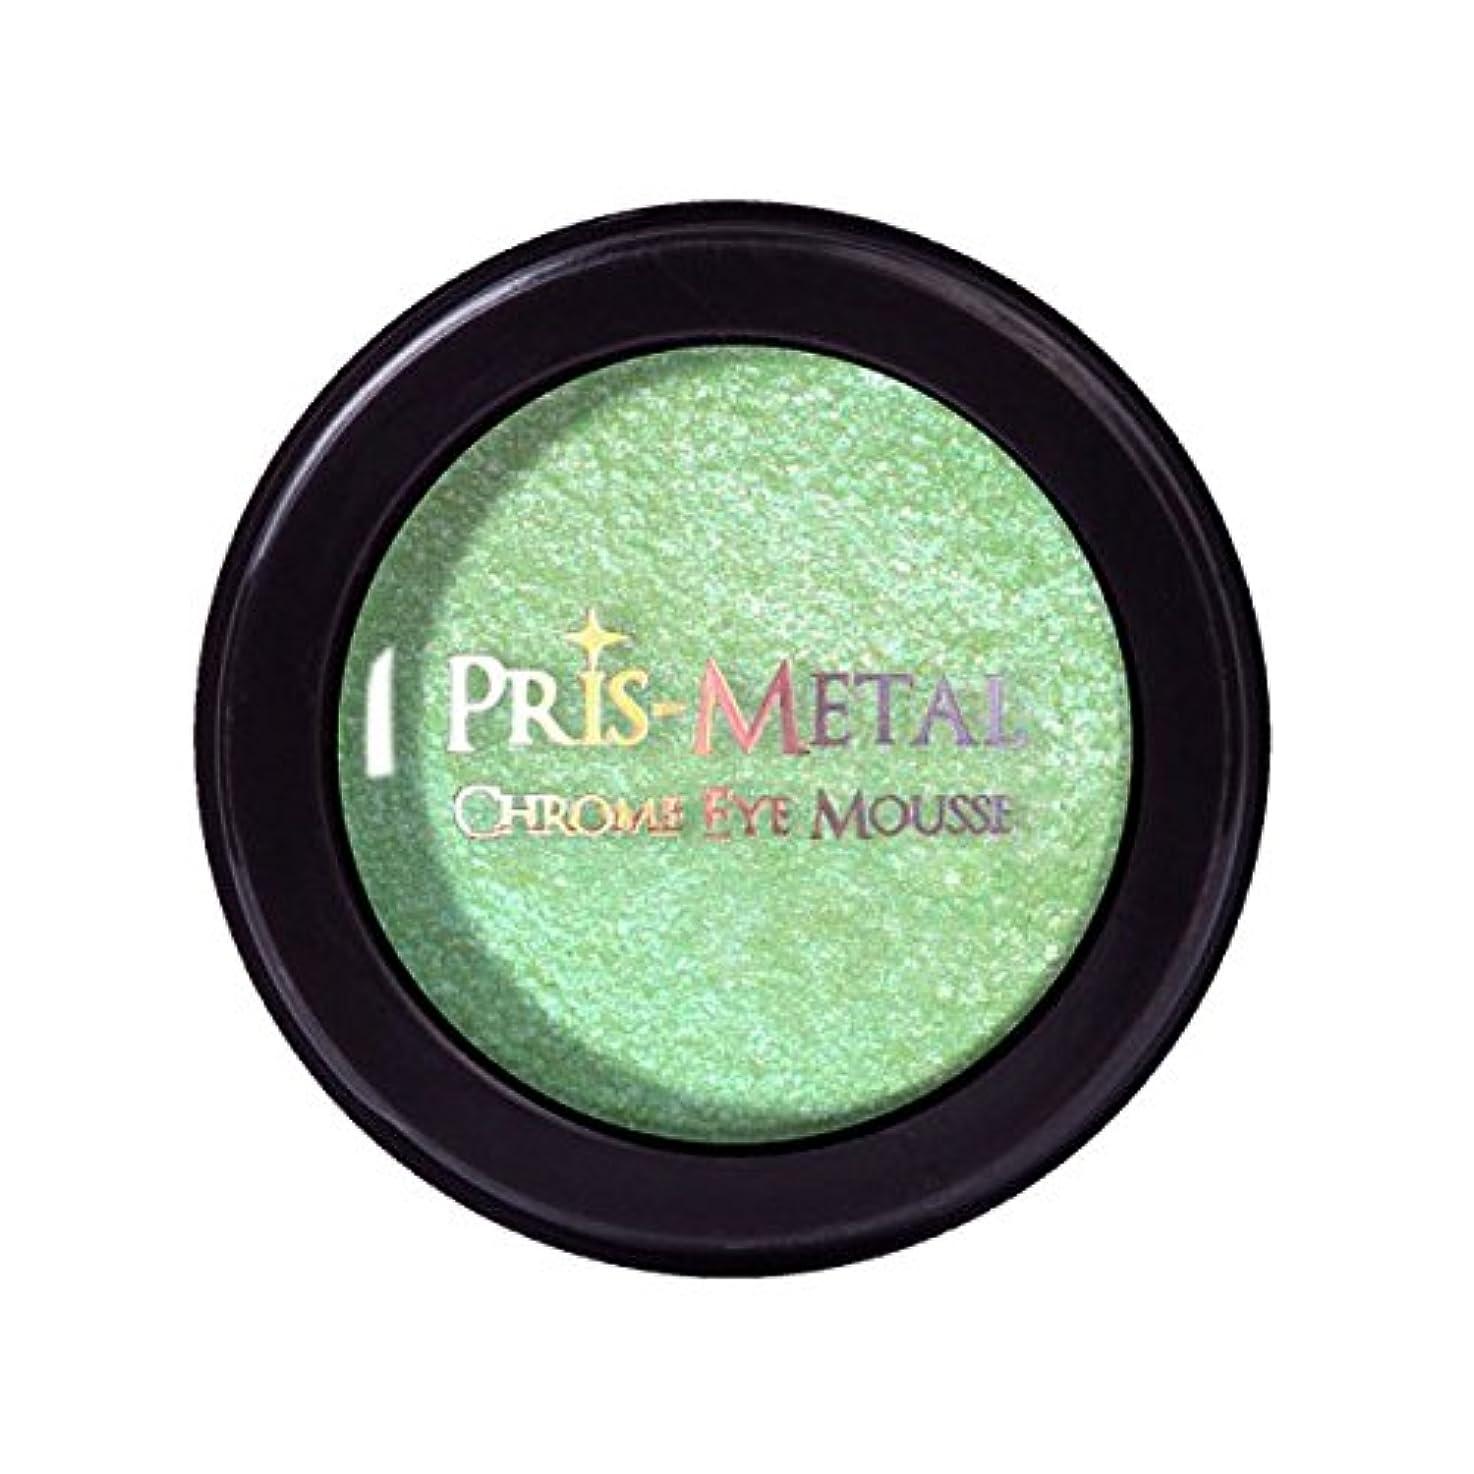 踏みつけラショナル保有者J. CAT BEAUTY Pris-Metal Chrome Eye Mousse - Pixie Dust (並行輸入品)